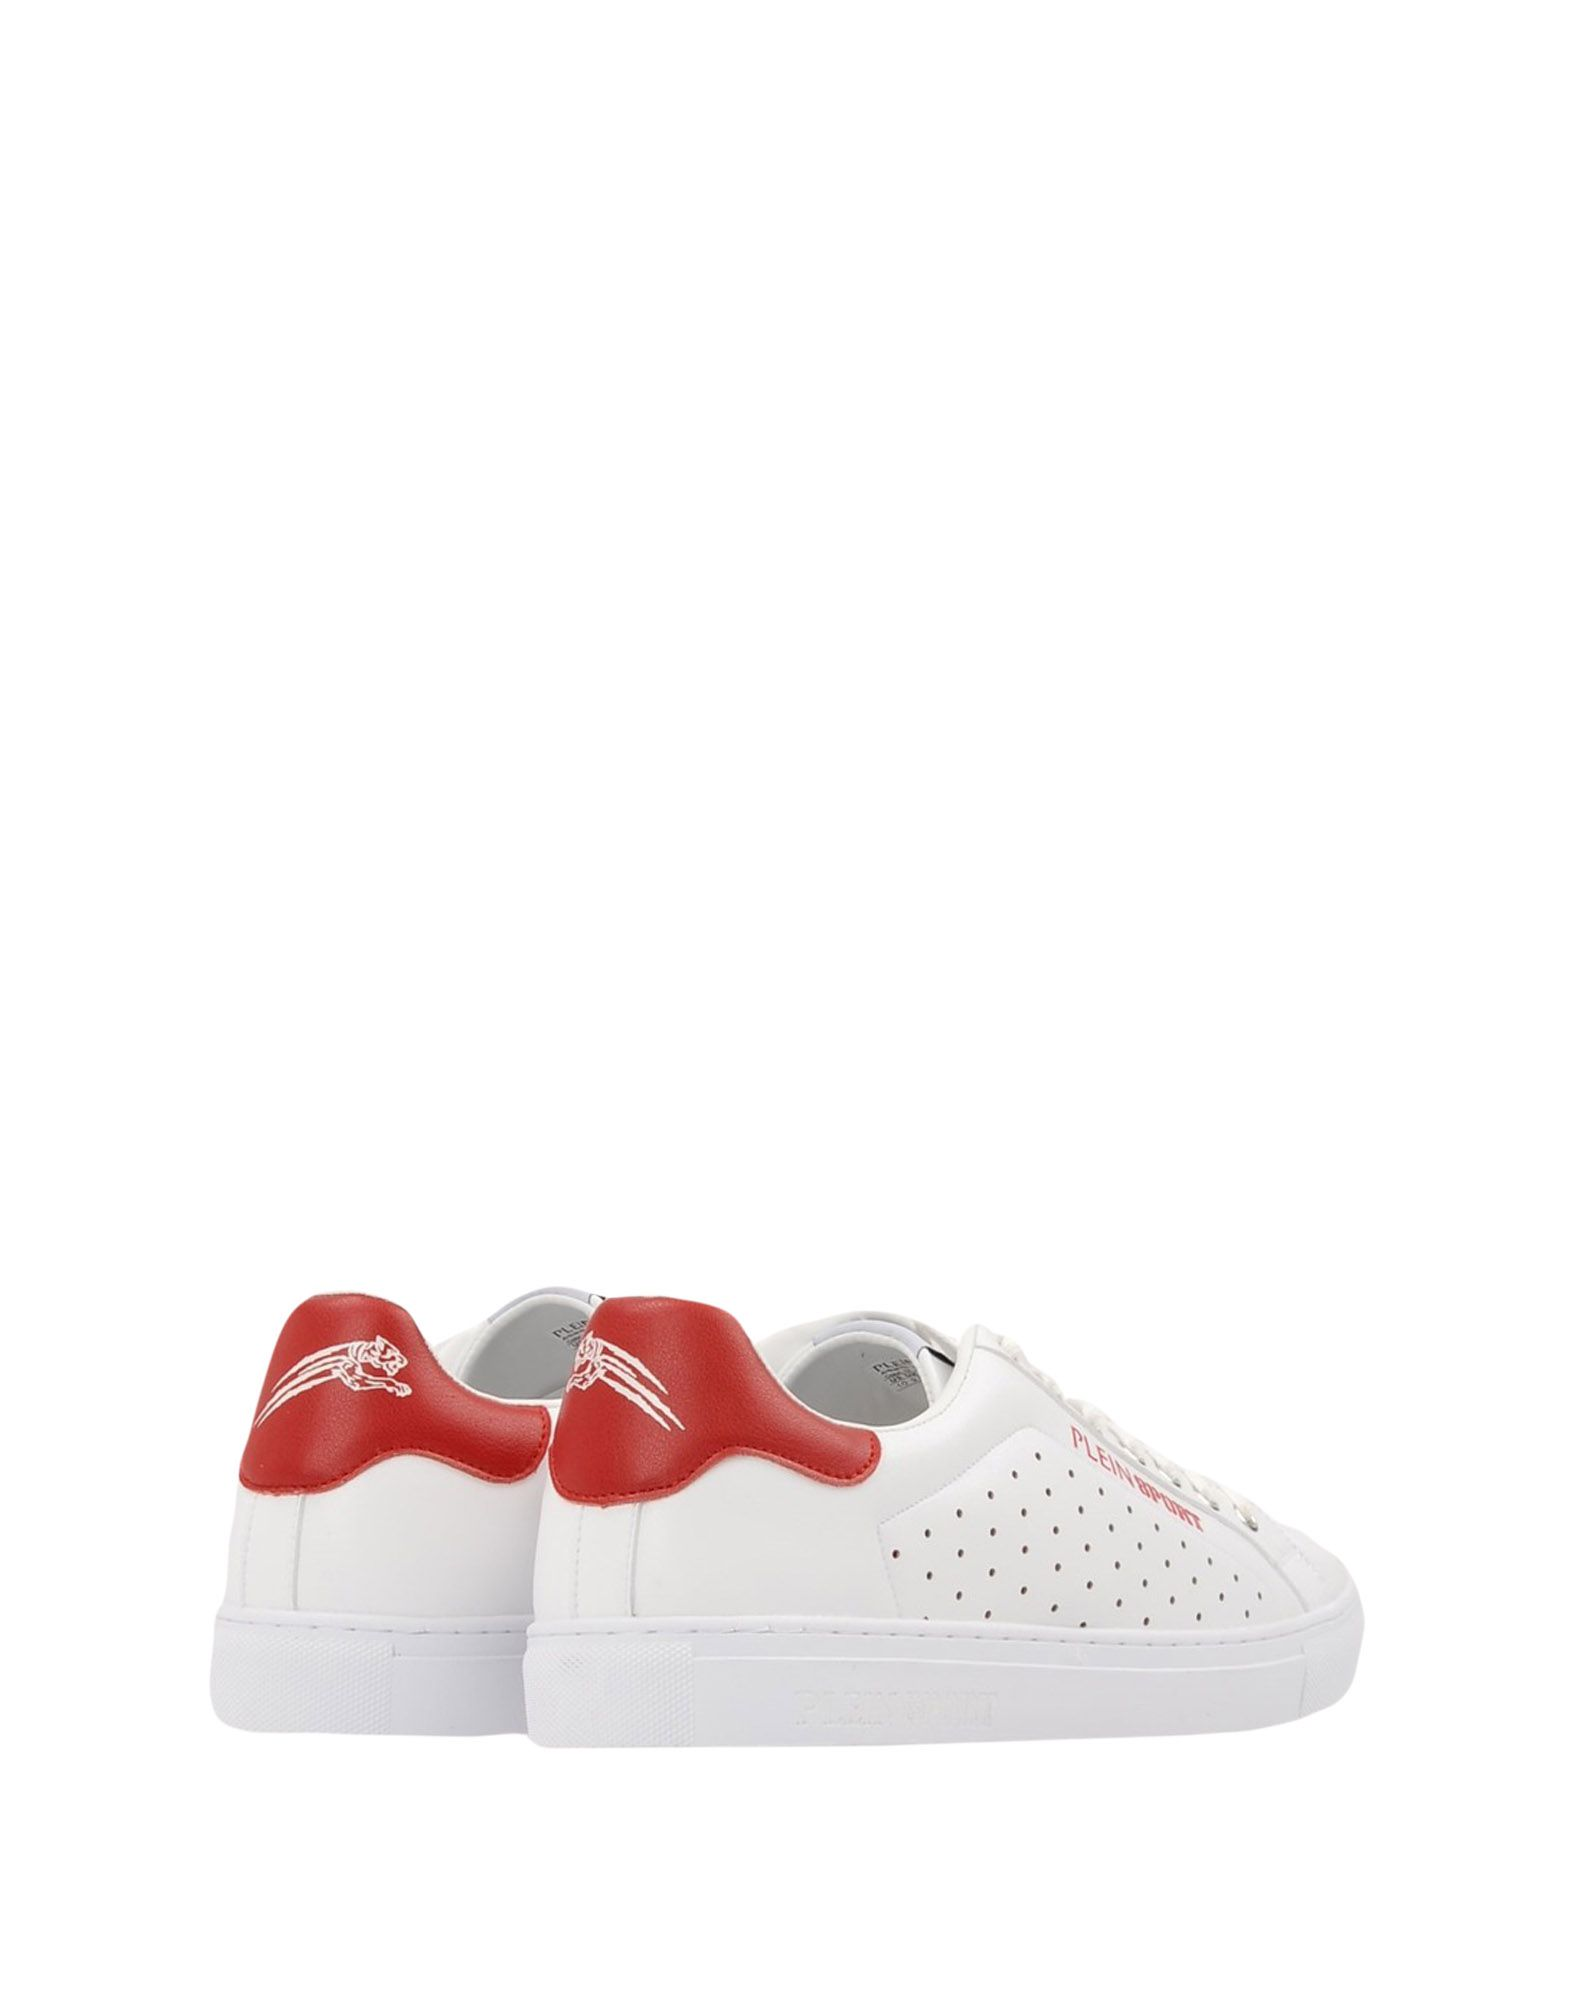 Sneakers Plein Sport Lo-Top Sneakers Wide 11406519LM - Uomo - 11406519LM Wide 8e9a8e